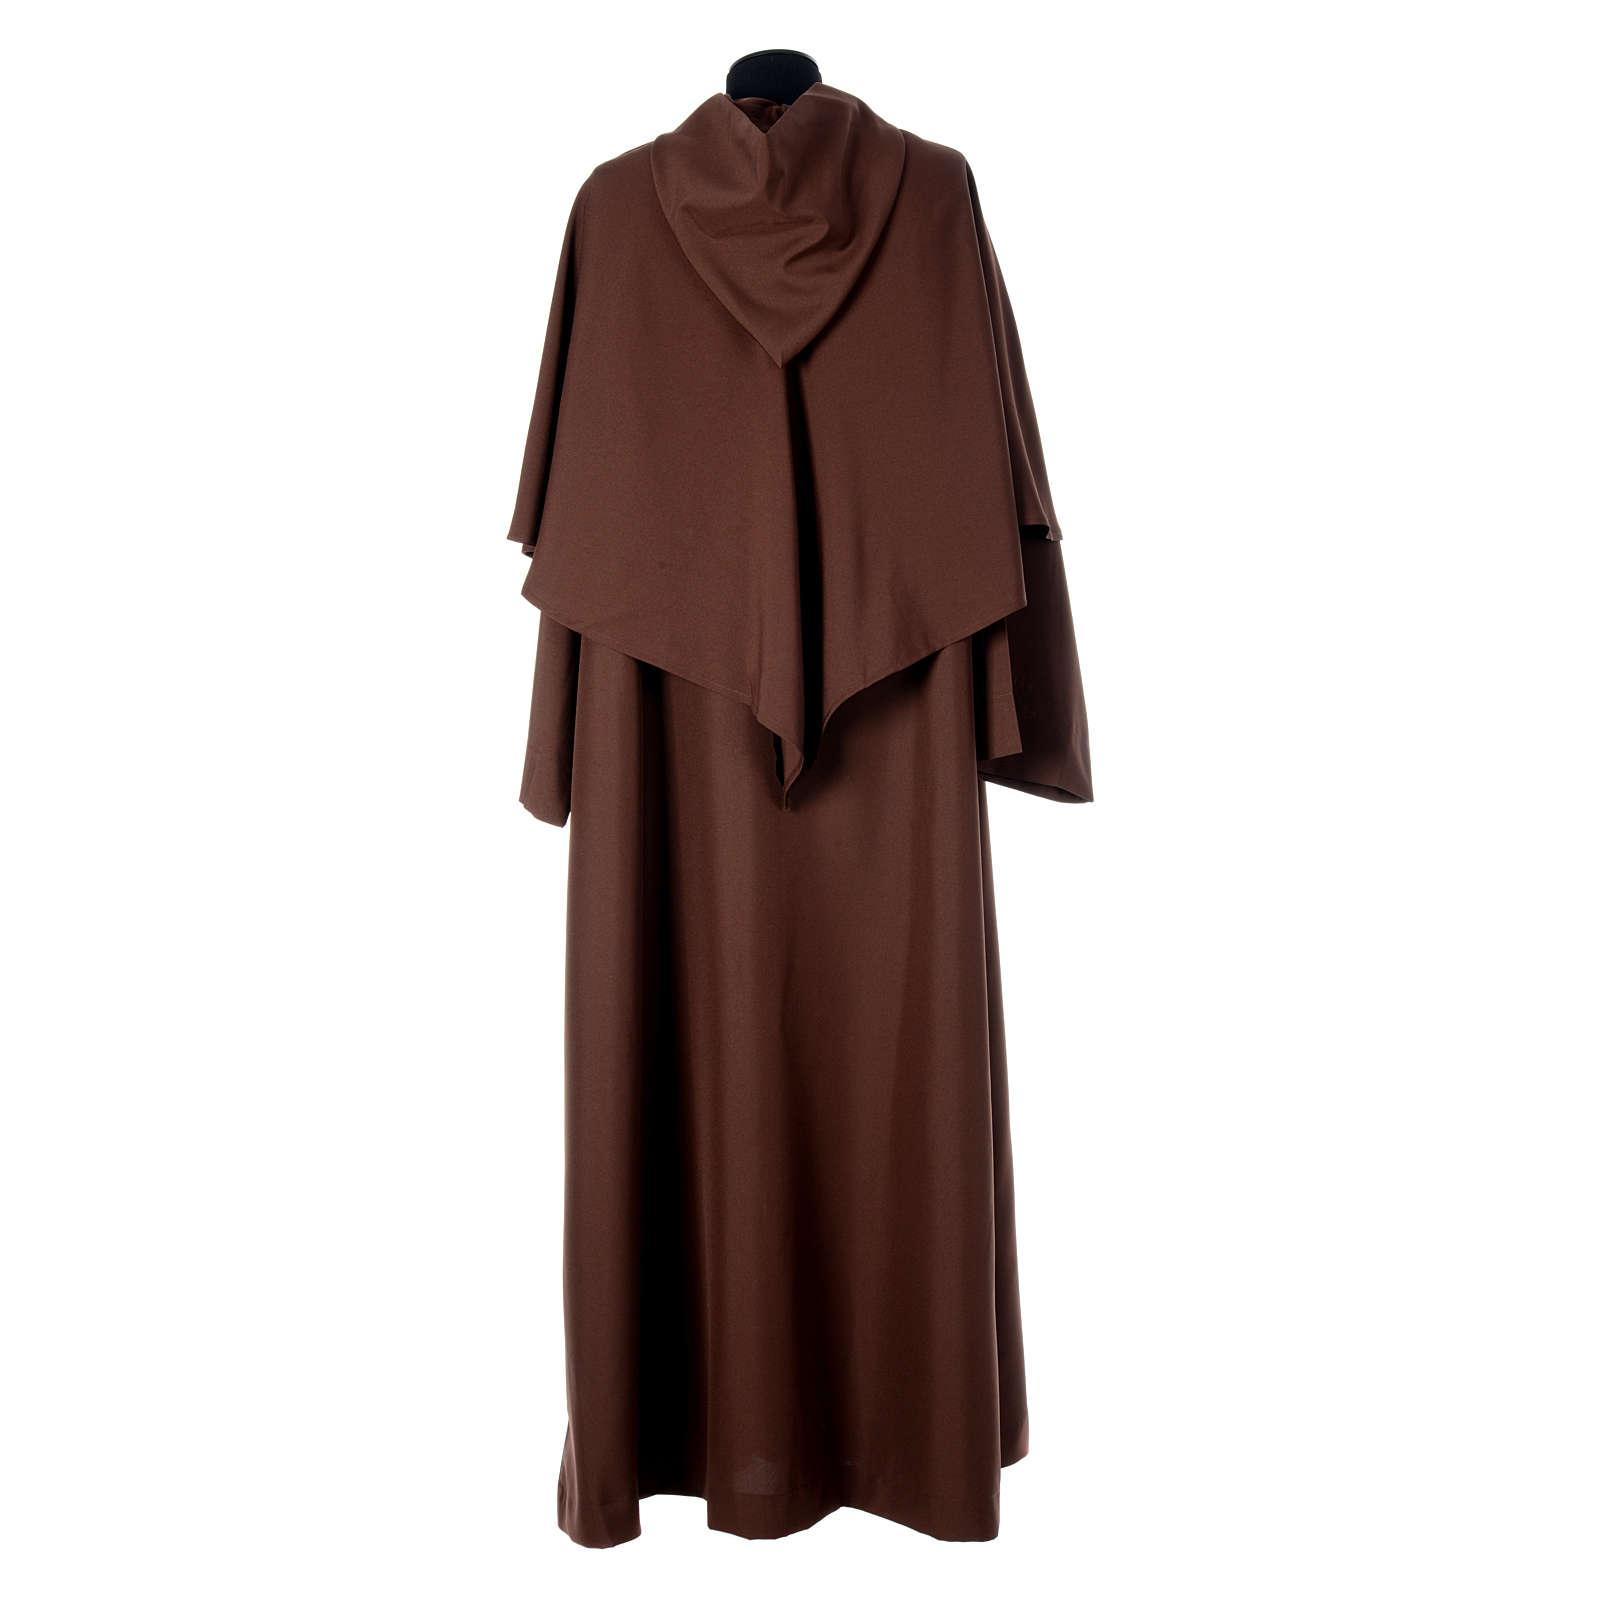 Braune franziskane Kutte mit Mantel 4